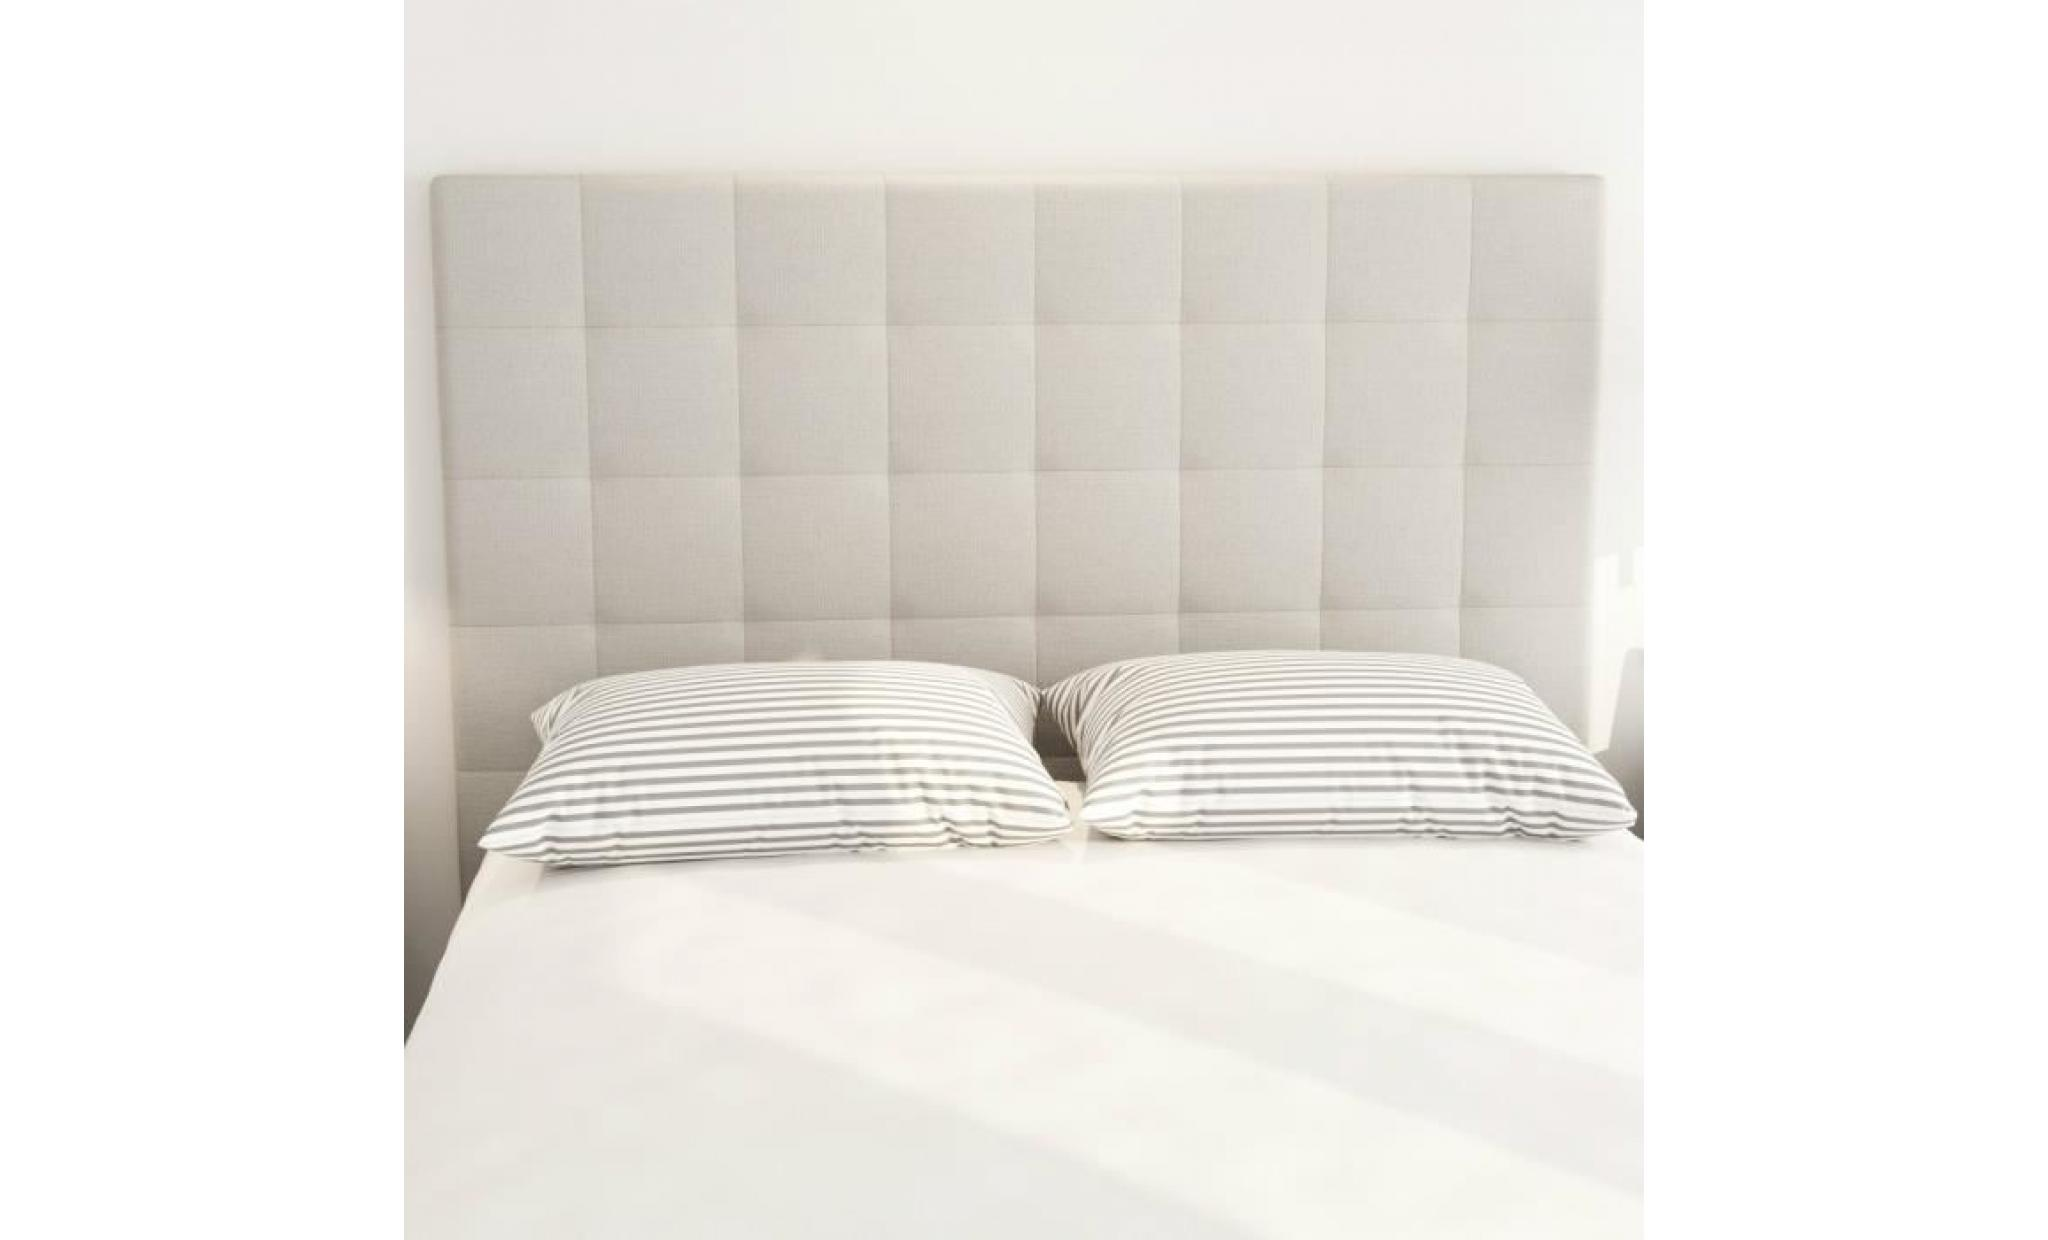 sogno tete de lit capitonnee style contemporain tissu beige l 160 cm achat vente tete de lit pas cher couleur et design fr